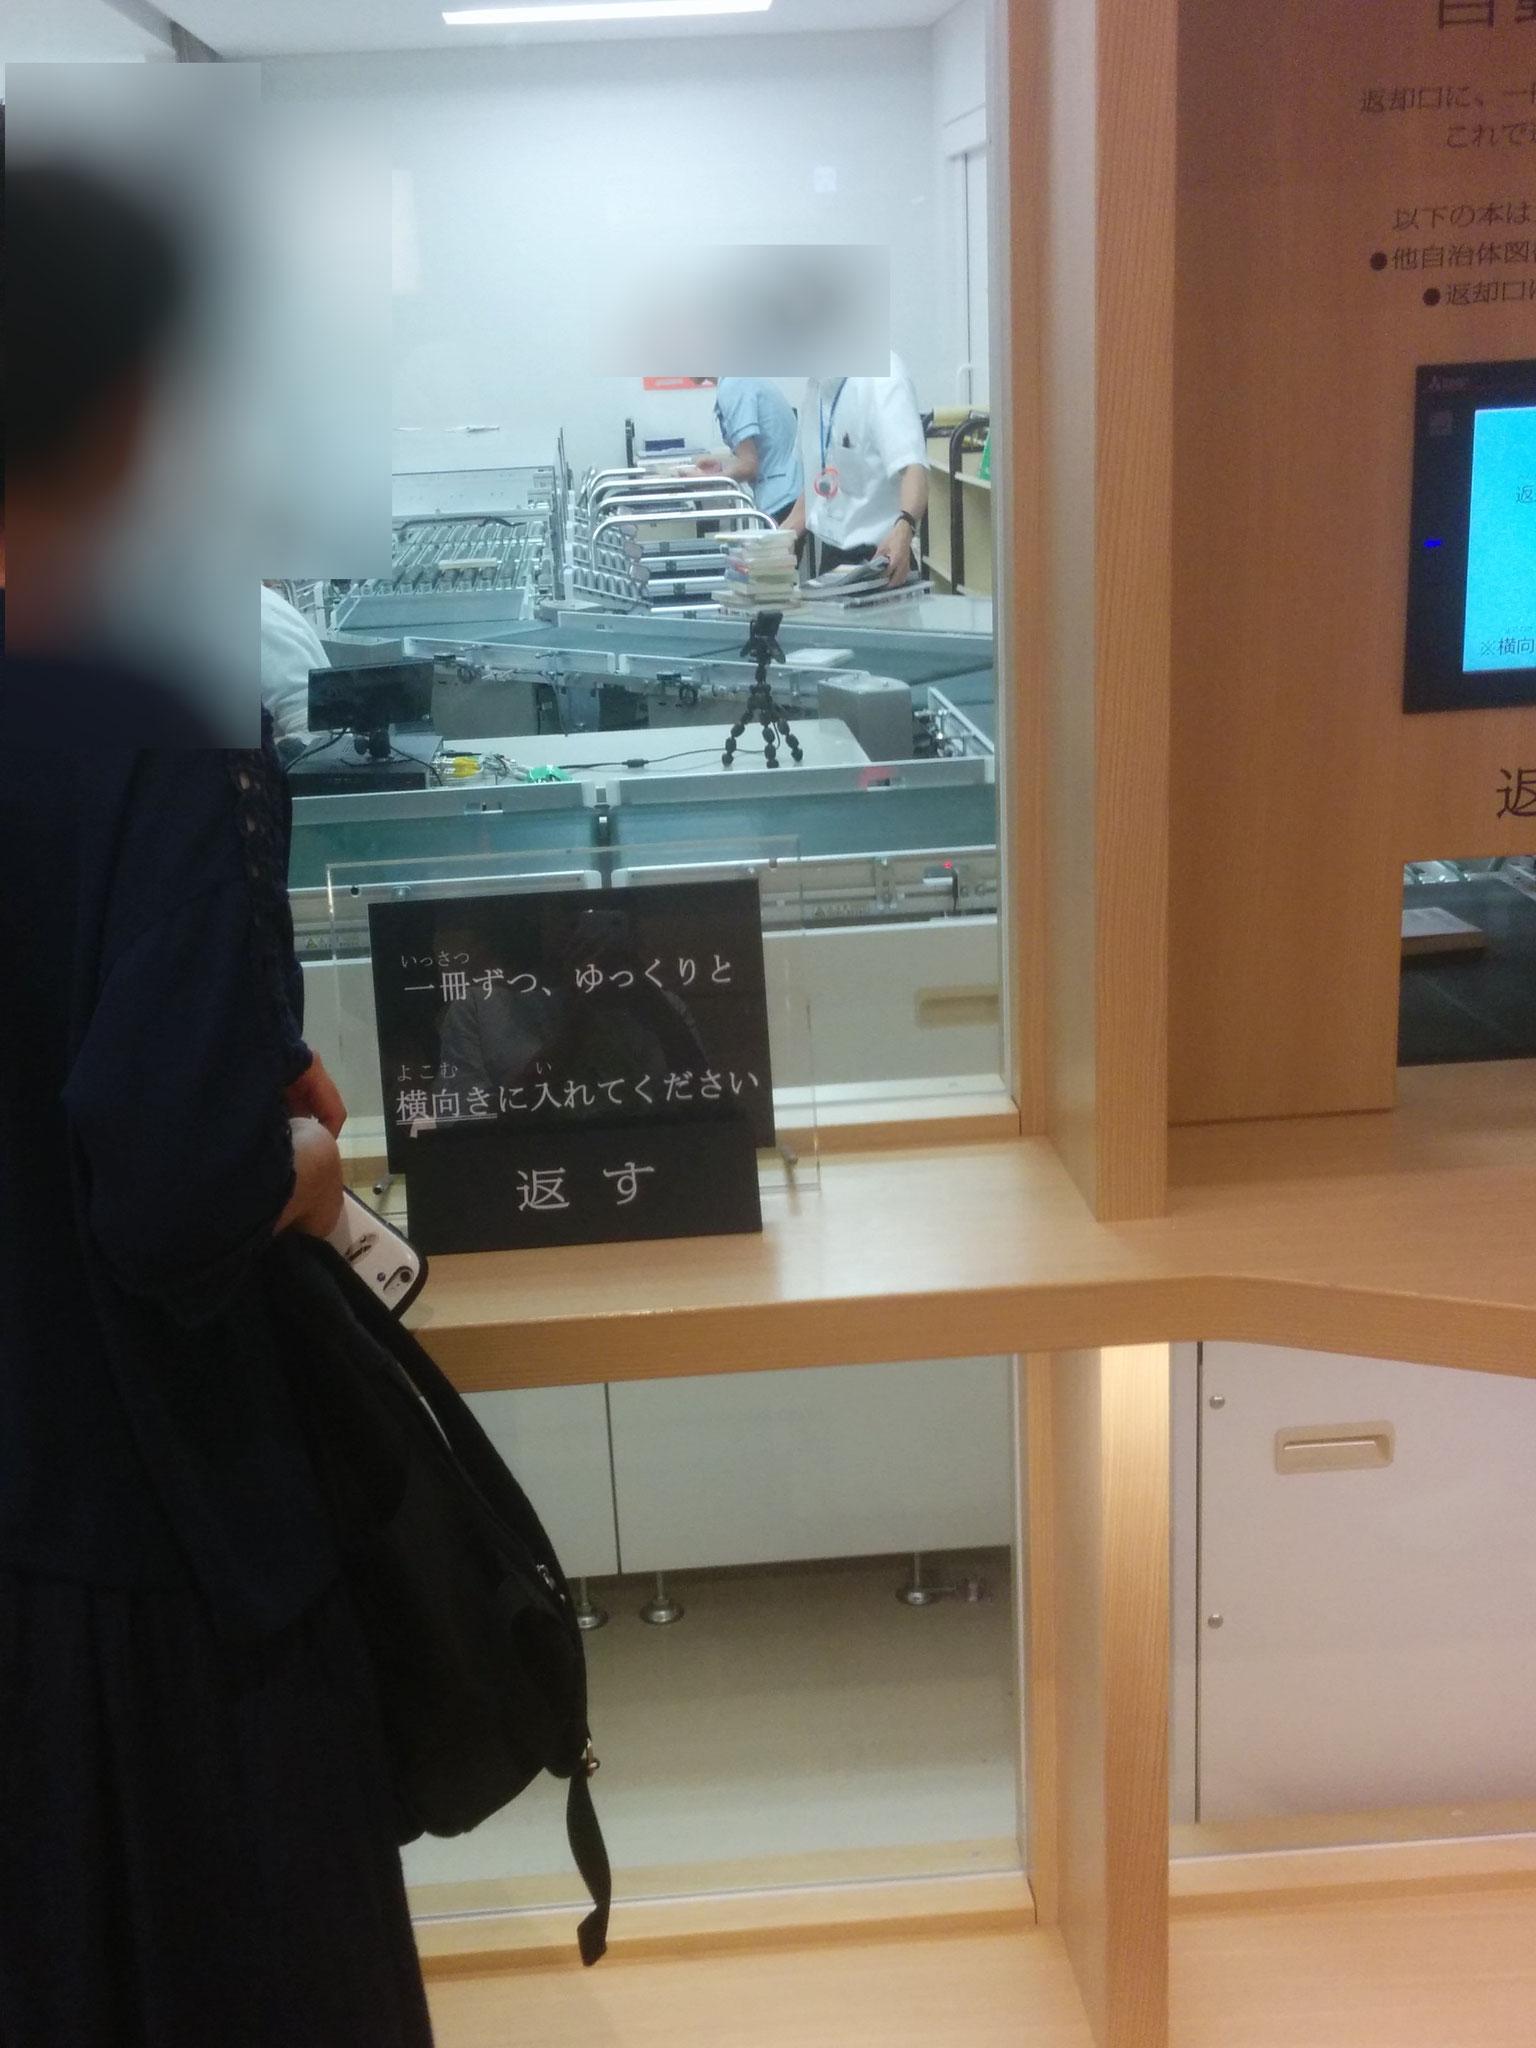 5 Yamato Library - book return machine